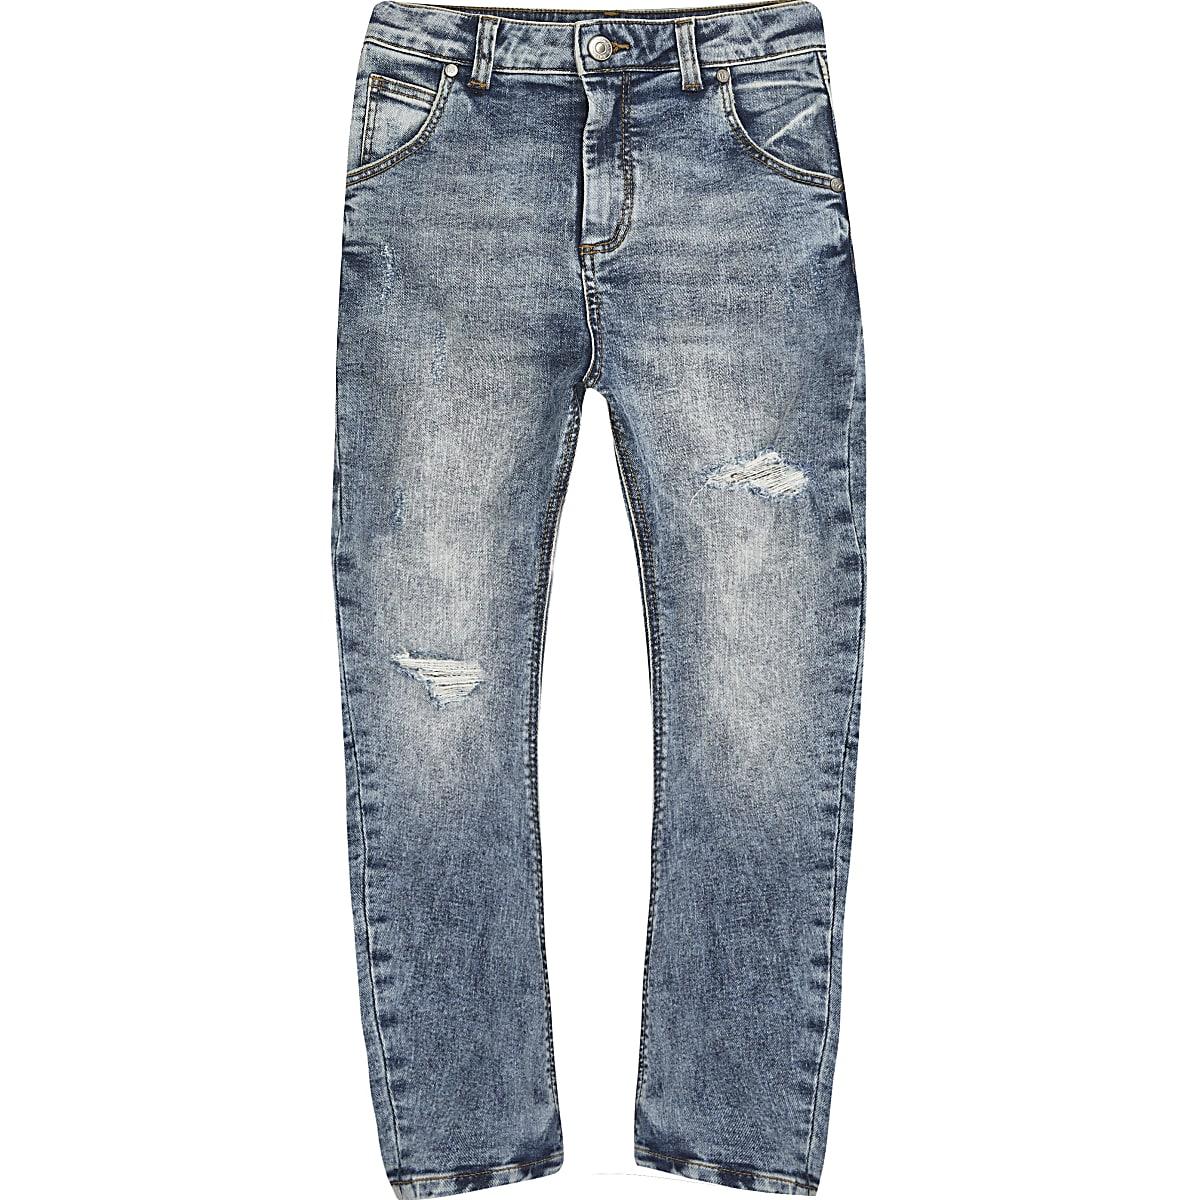 Boys mid blue Tony tapered jeans